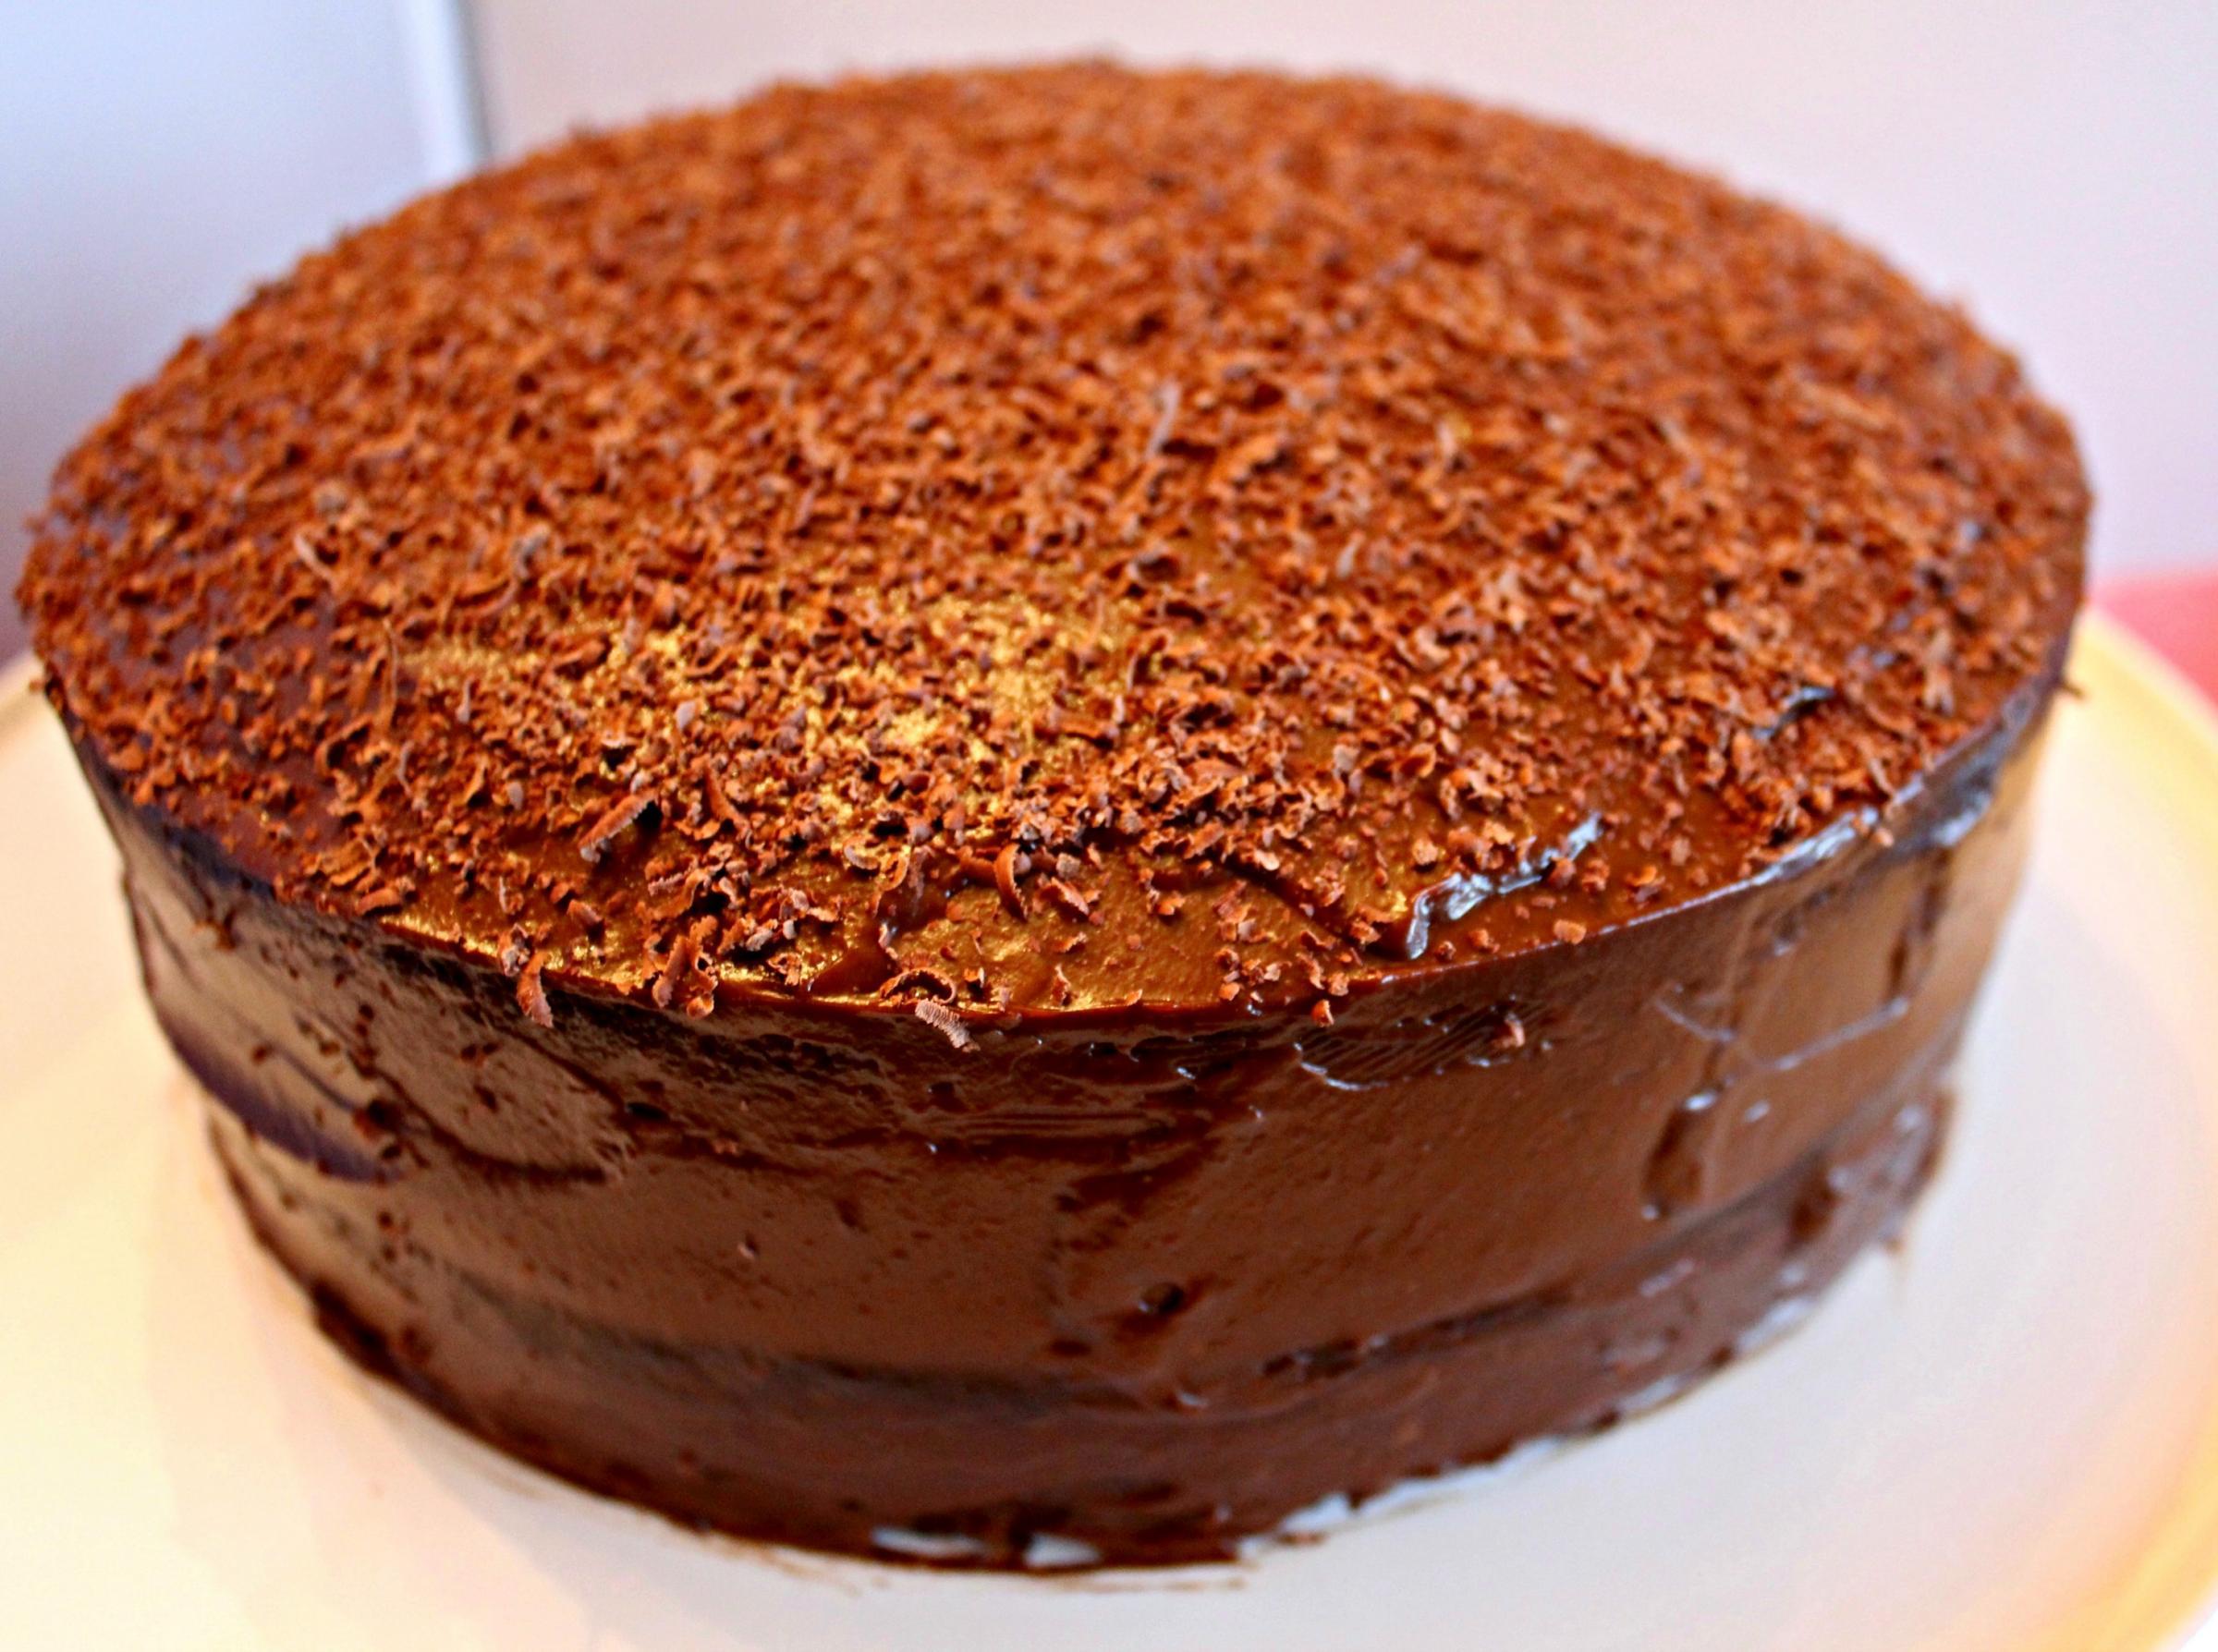 Recipe: chocolate and avocado cake